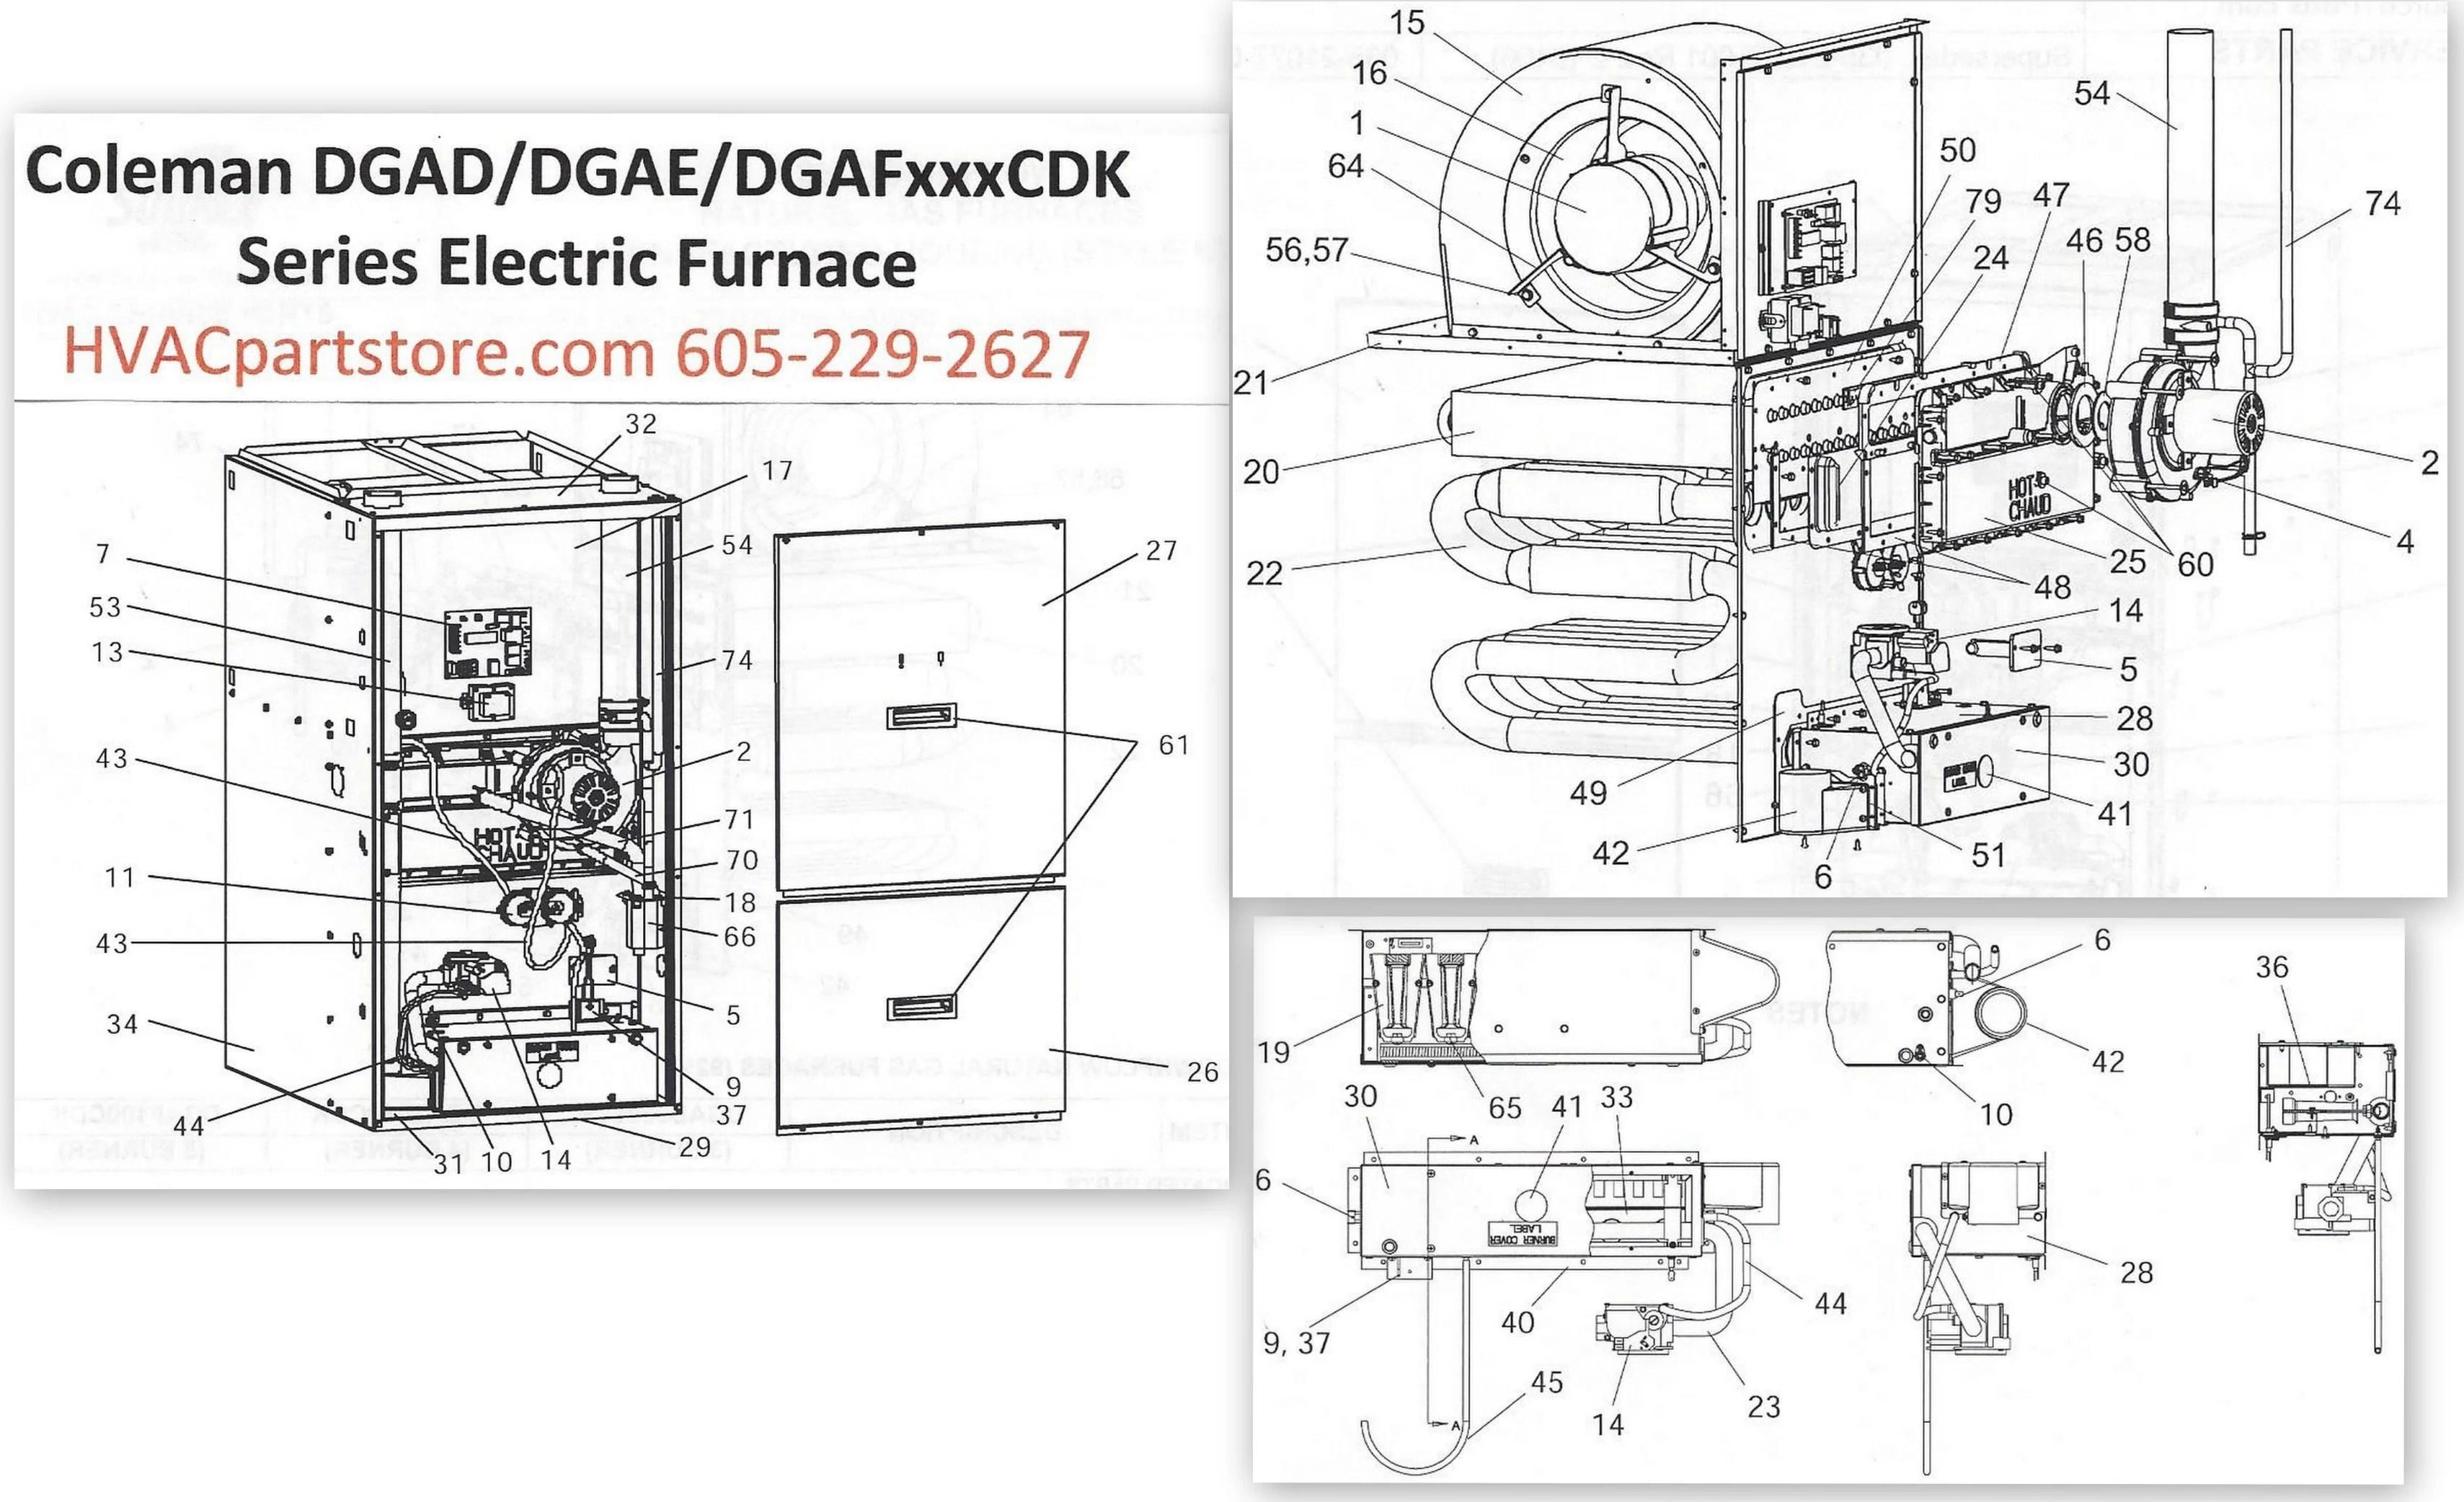 DGAF100CDK Coleman Gas Furnace Parts – HVACpartstore